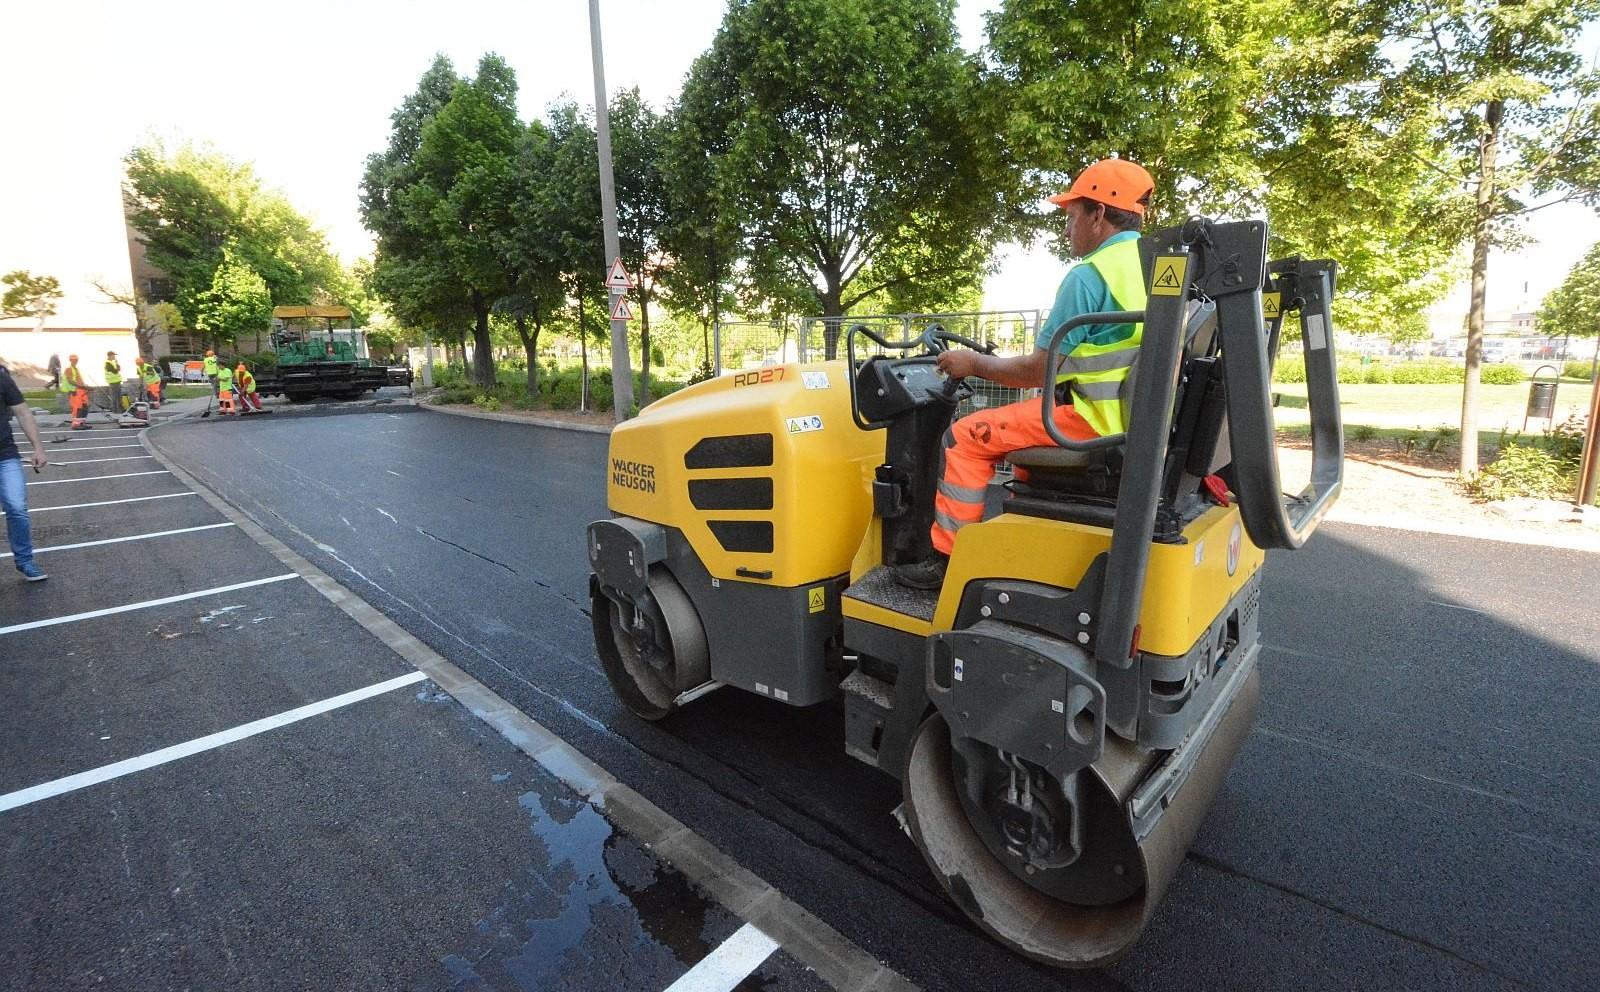 Megannyi út-, járda-, park- és parkolóépítést is tartalmaz a fehérvári Városgondnokság üzleti terve